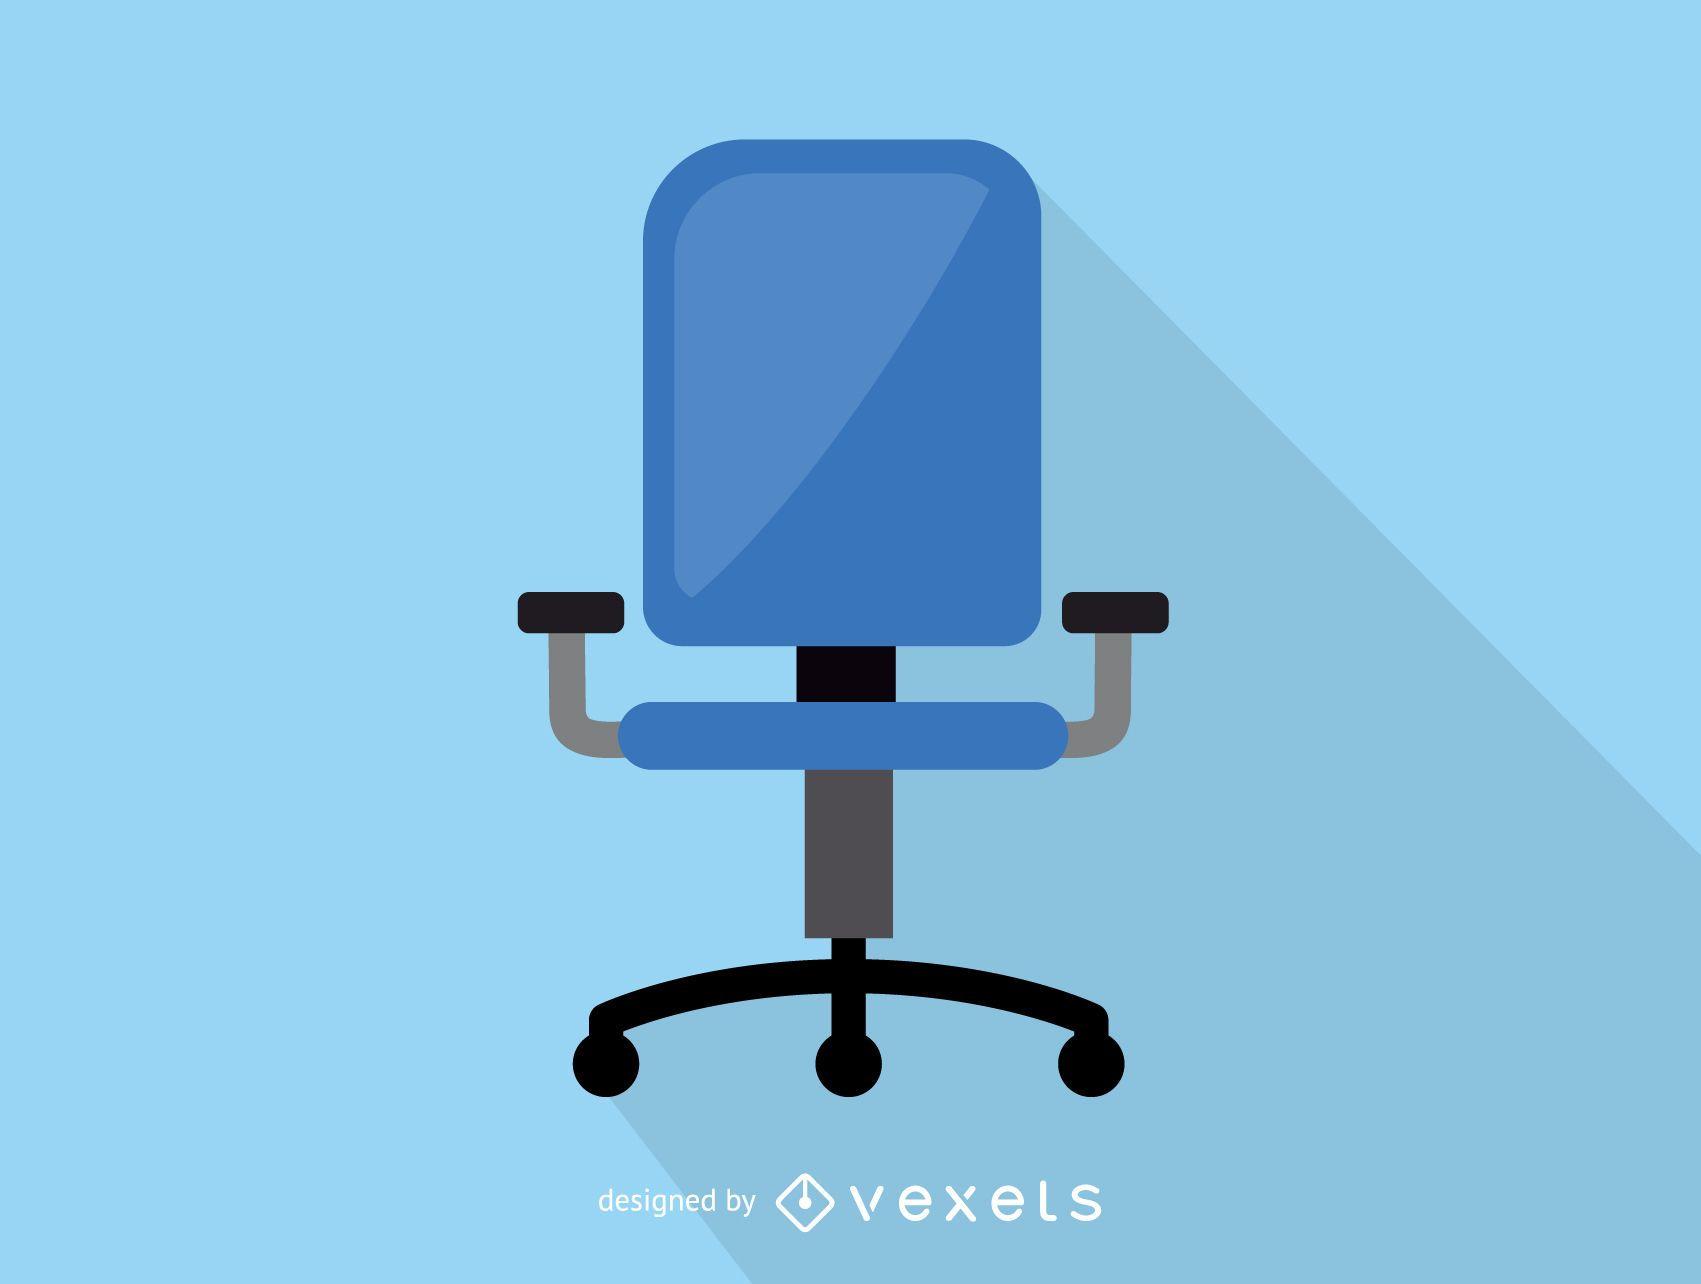 Icono de silla de oficina